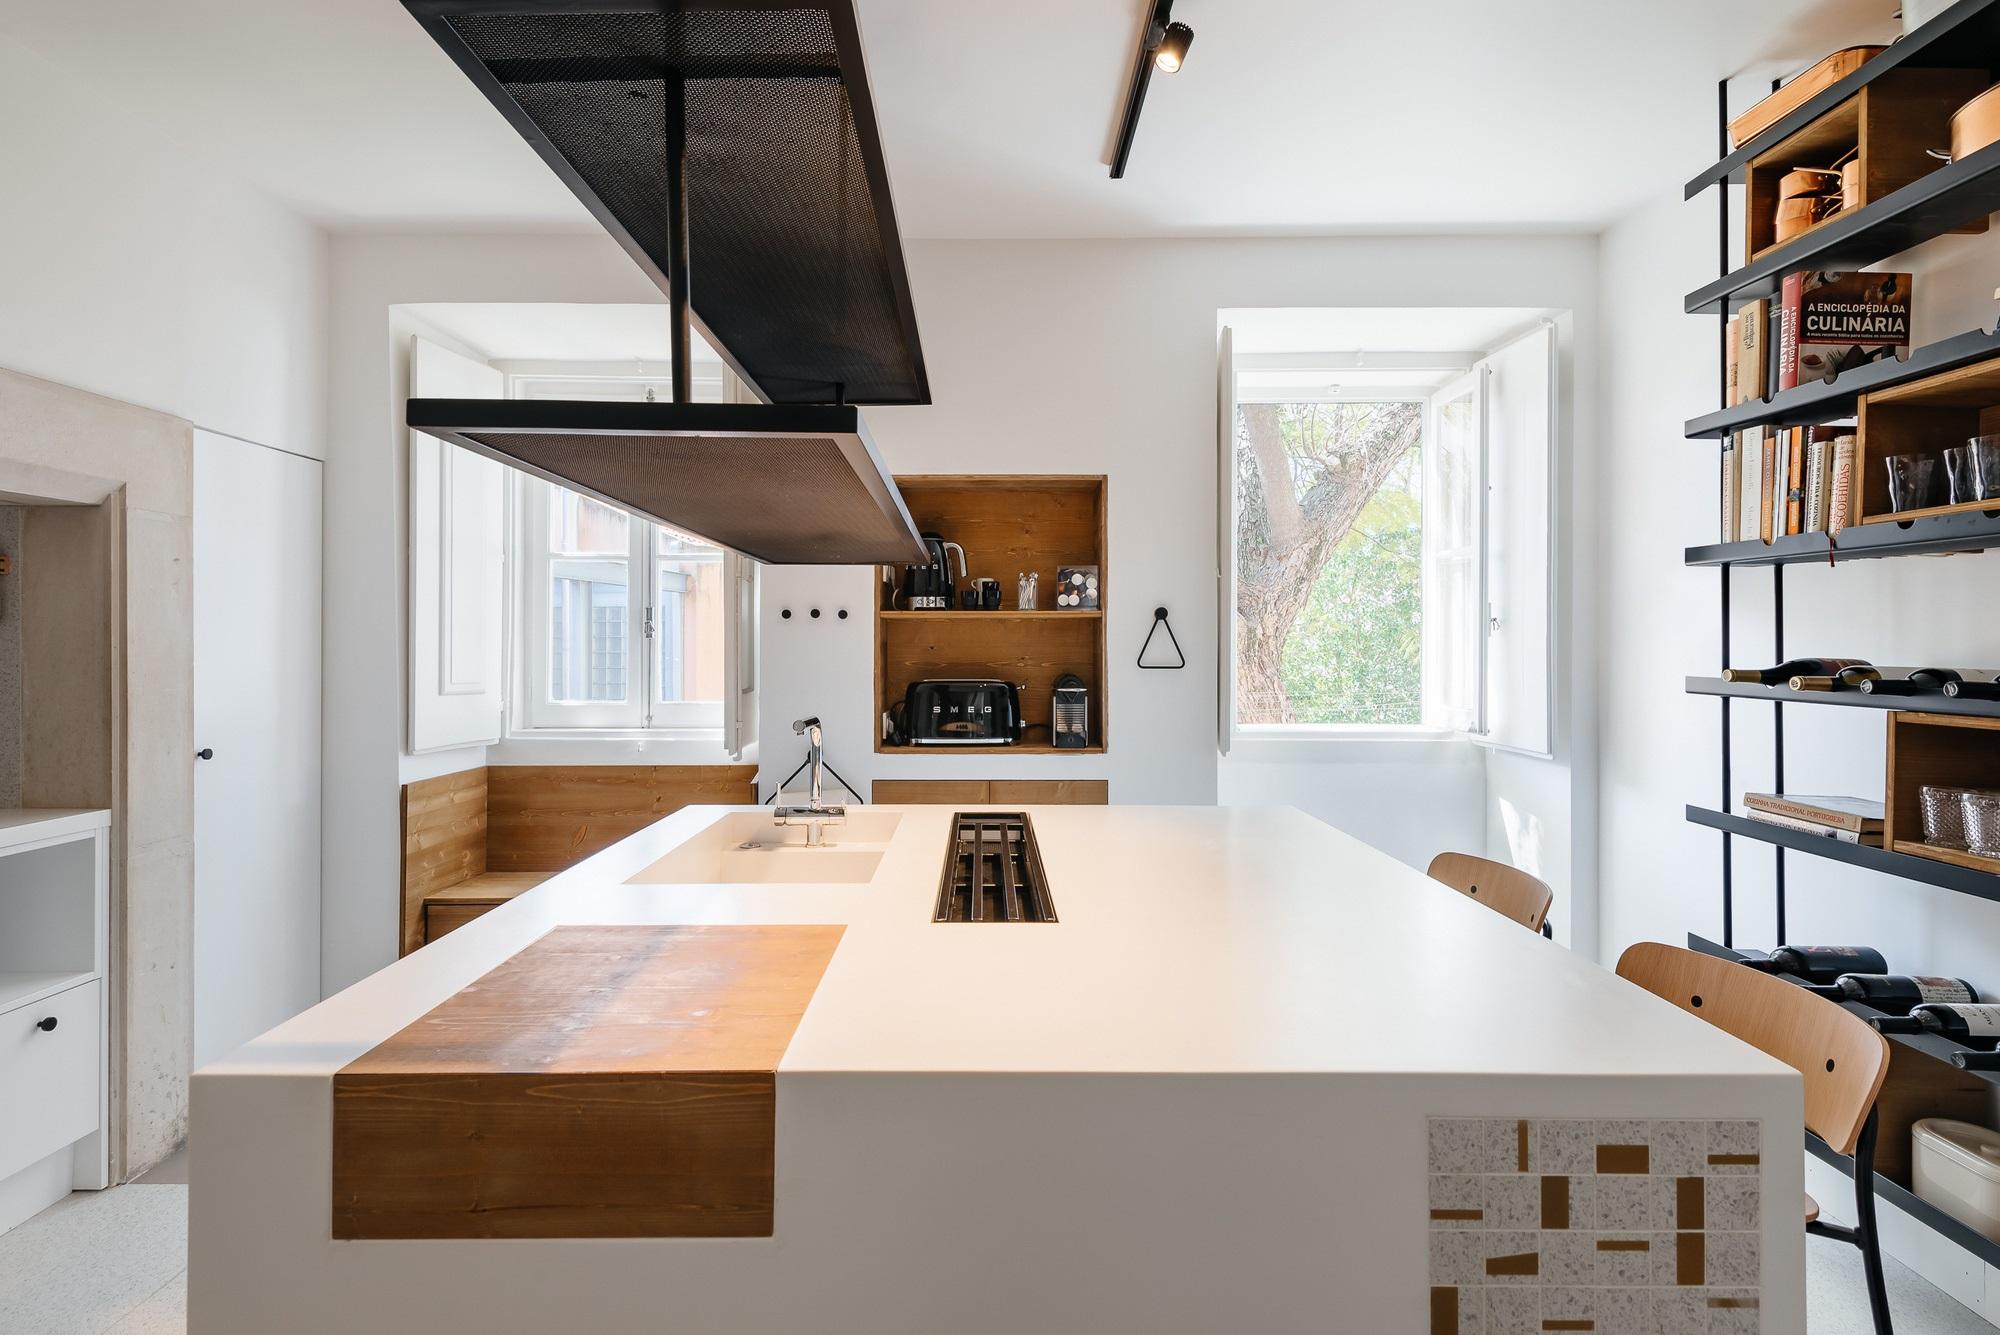 Khác với tính lịch sử của cả tòa nhà, căn hộ này mang nét đẹp đối lập hoàn toàn khiến ai nhìn một lần cũng khó lòng rời mắt - Ảnh 7